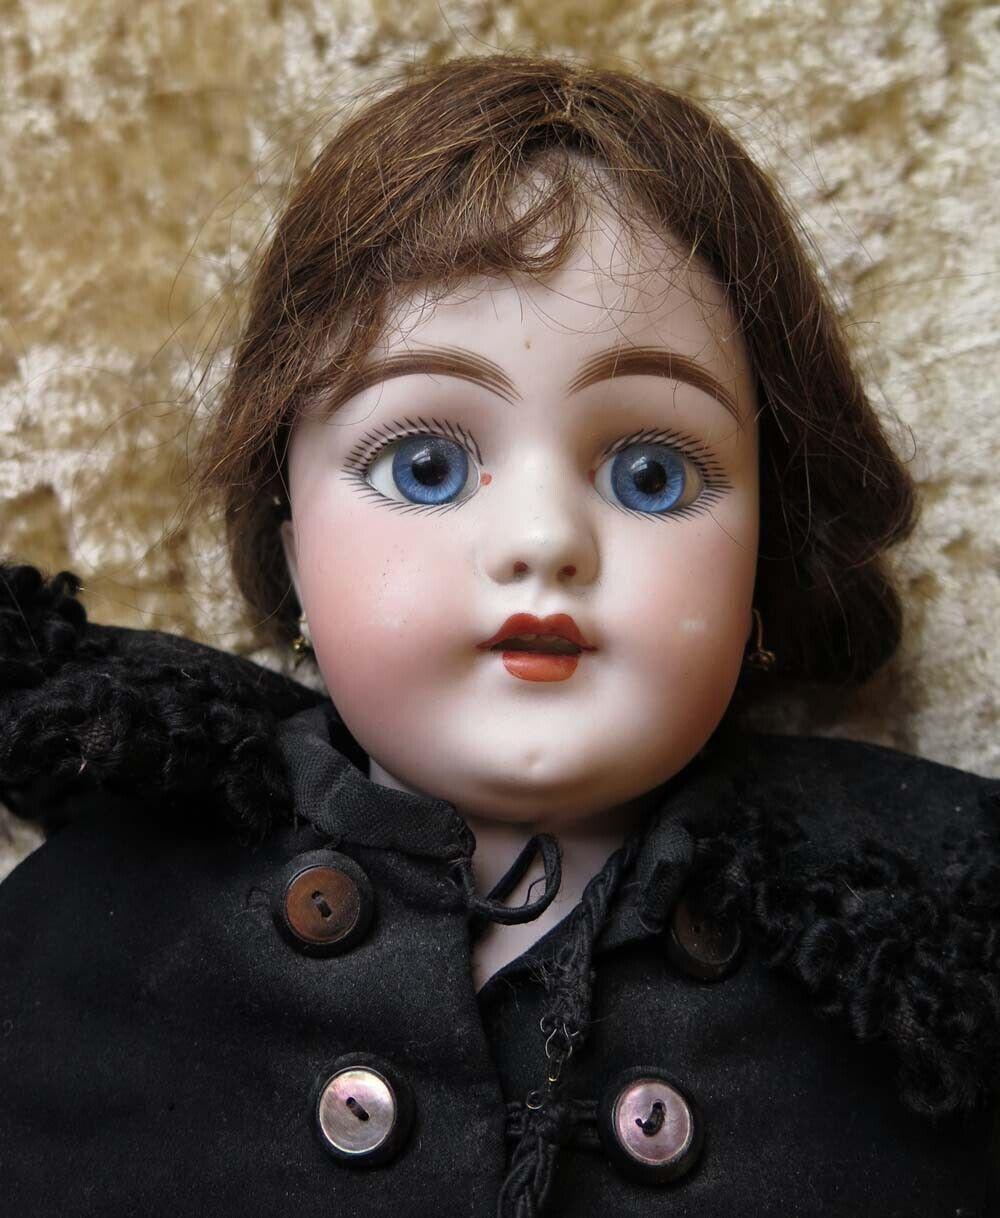 Rare  Antique c1890 SIMON HALgree Bisque bambola 23  Pierced ears open mouth  elementi di novità